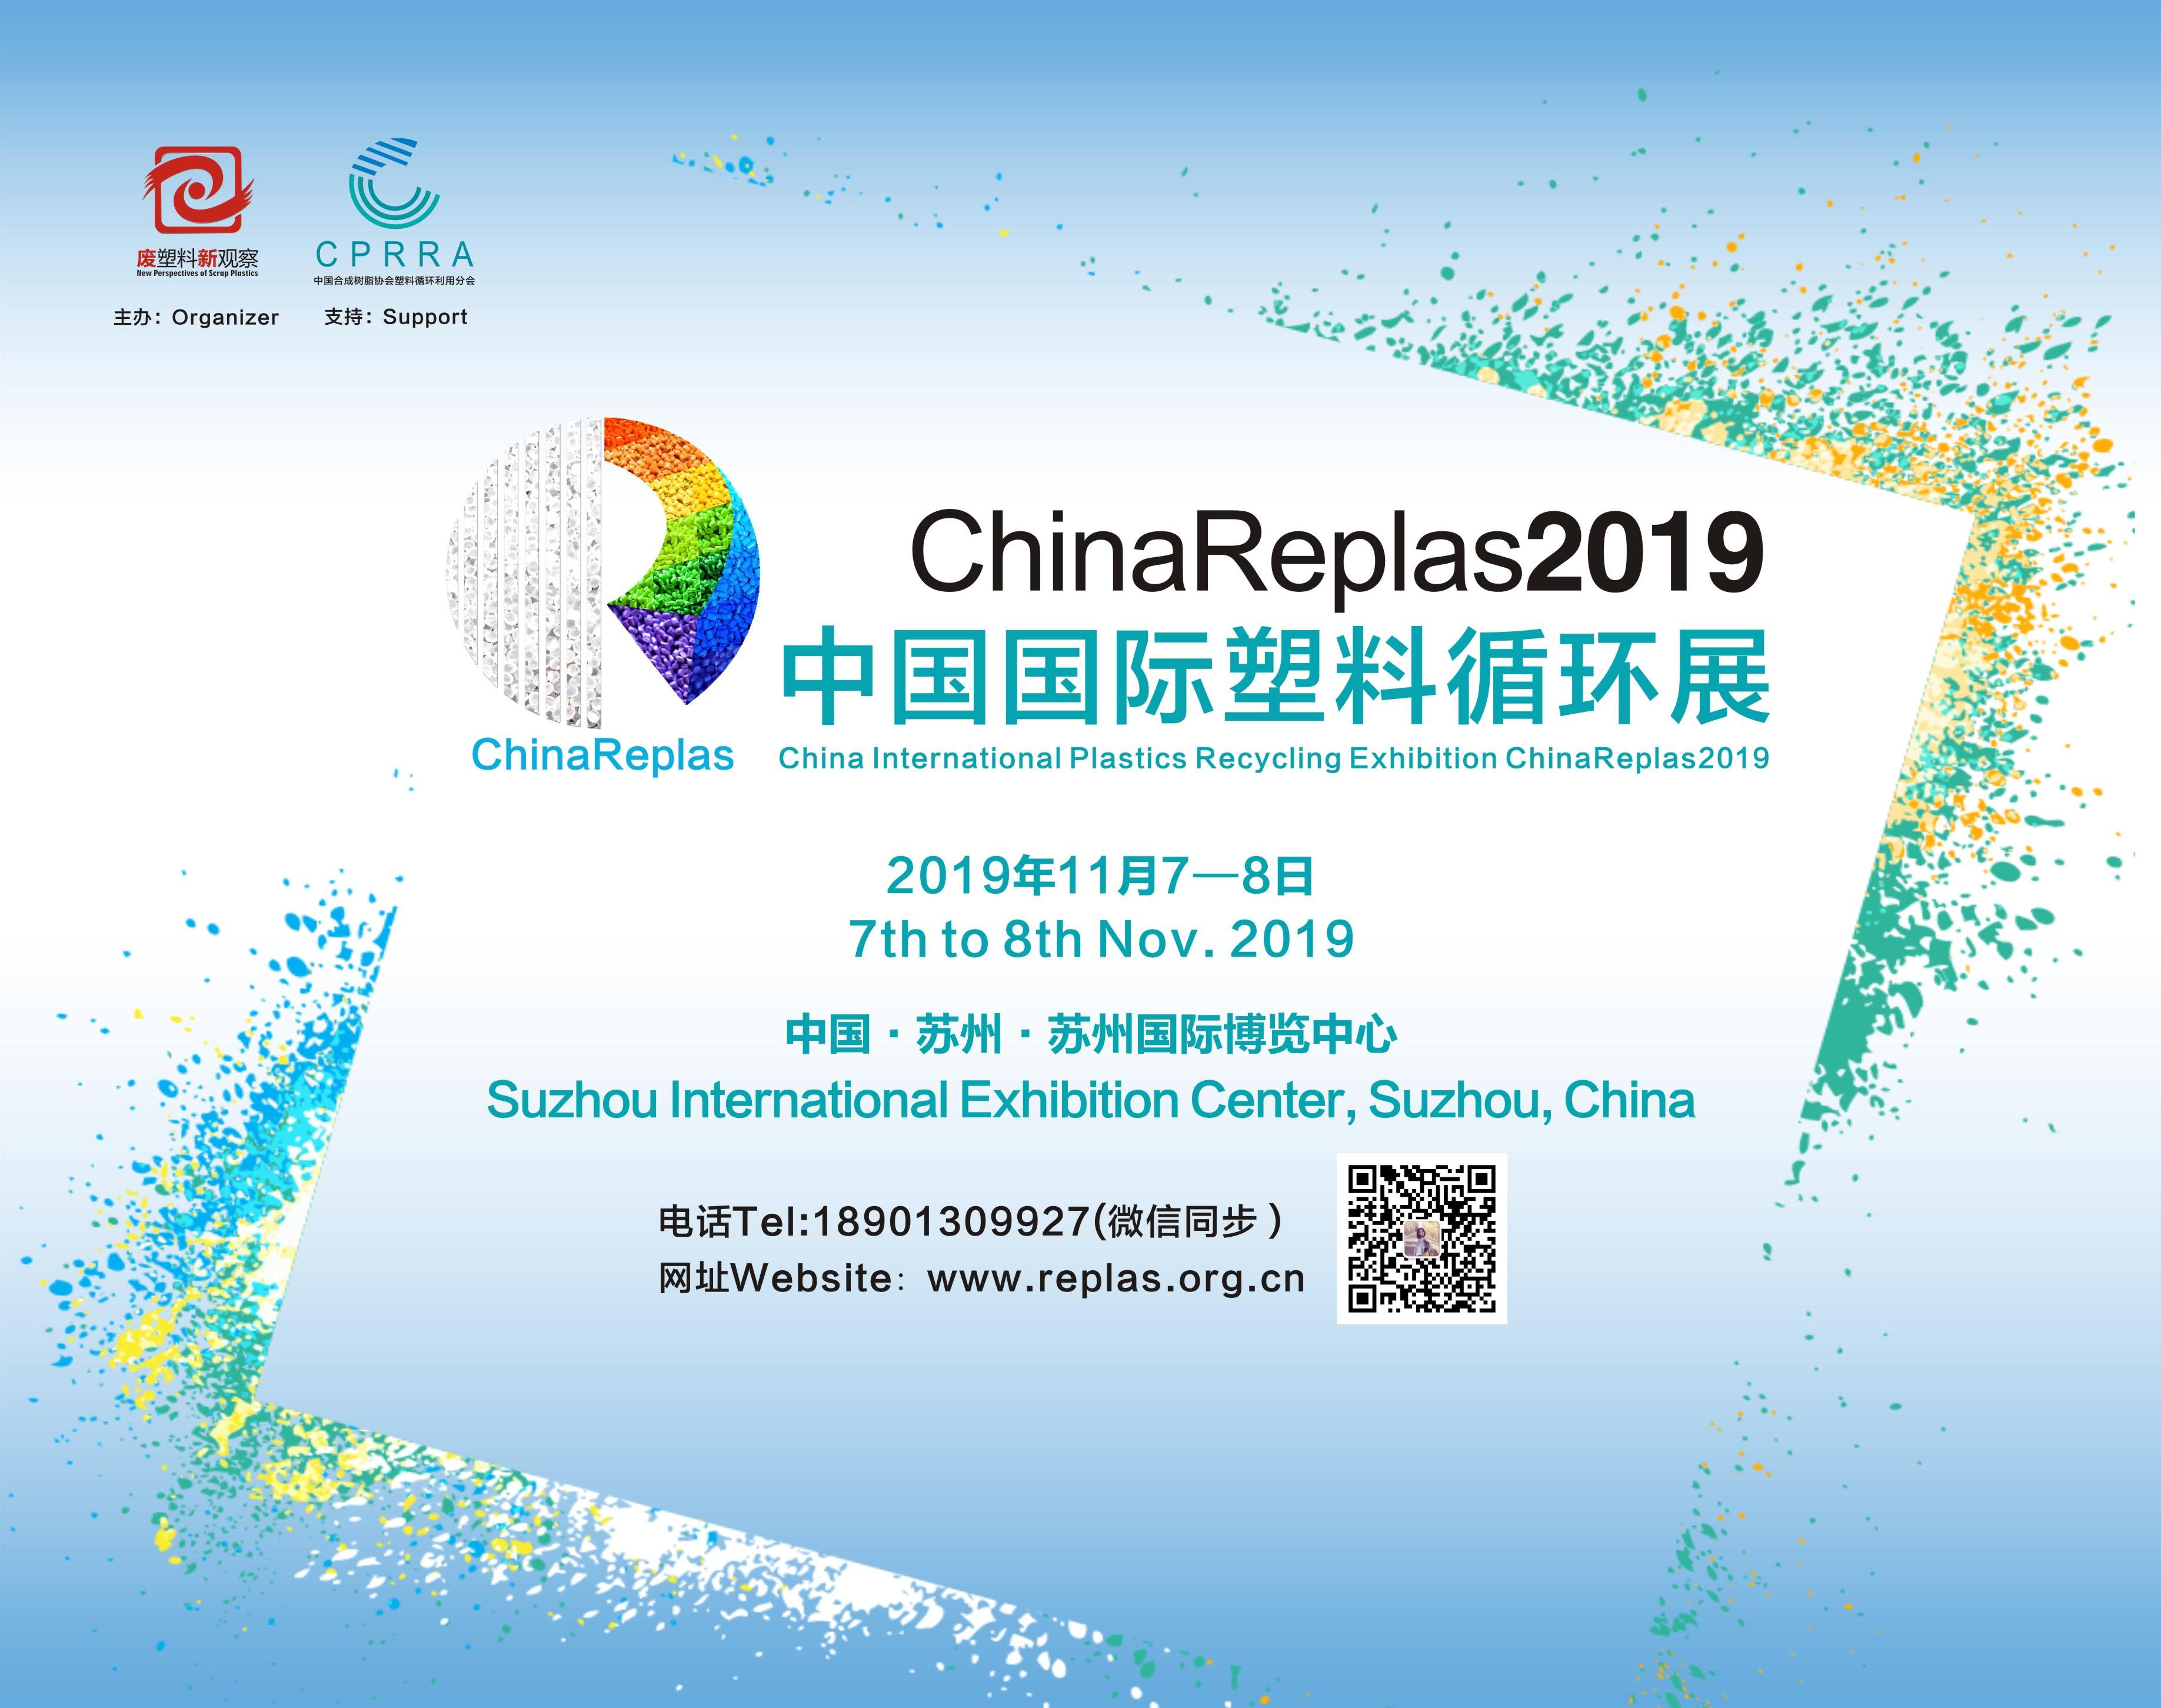 中国国际塑料循环展,迎接塑料循环时代 | 11.7-8苏州ChinaReplas2019